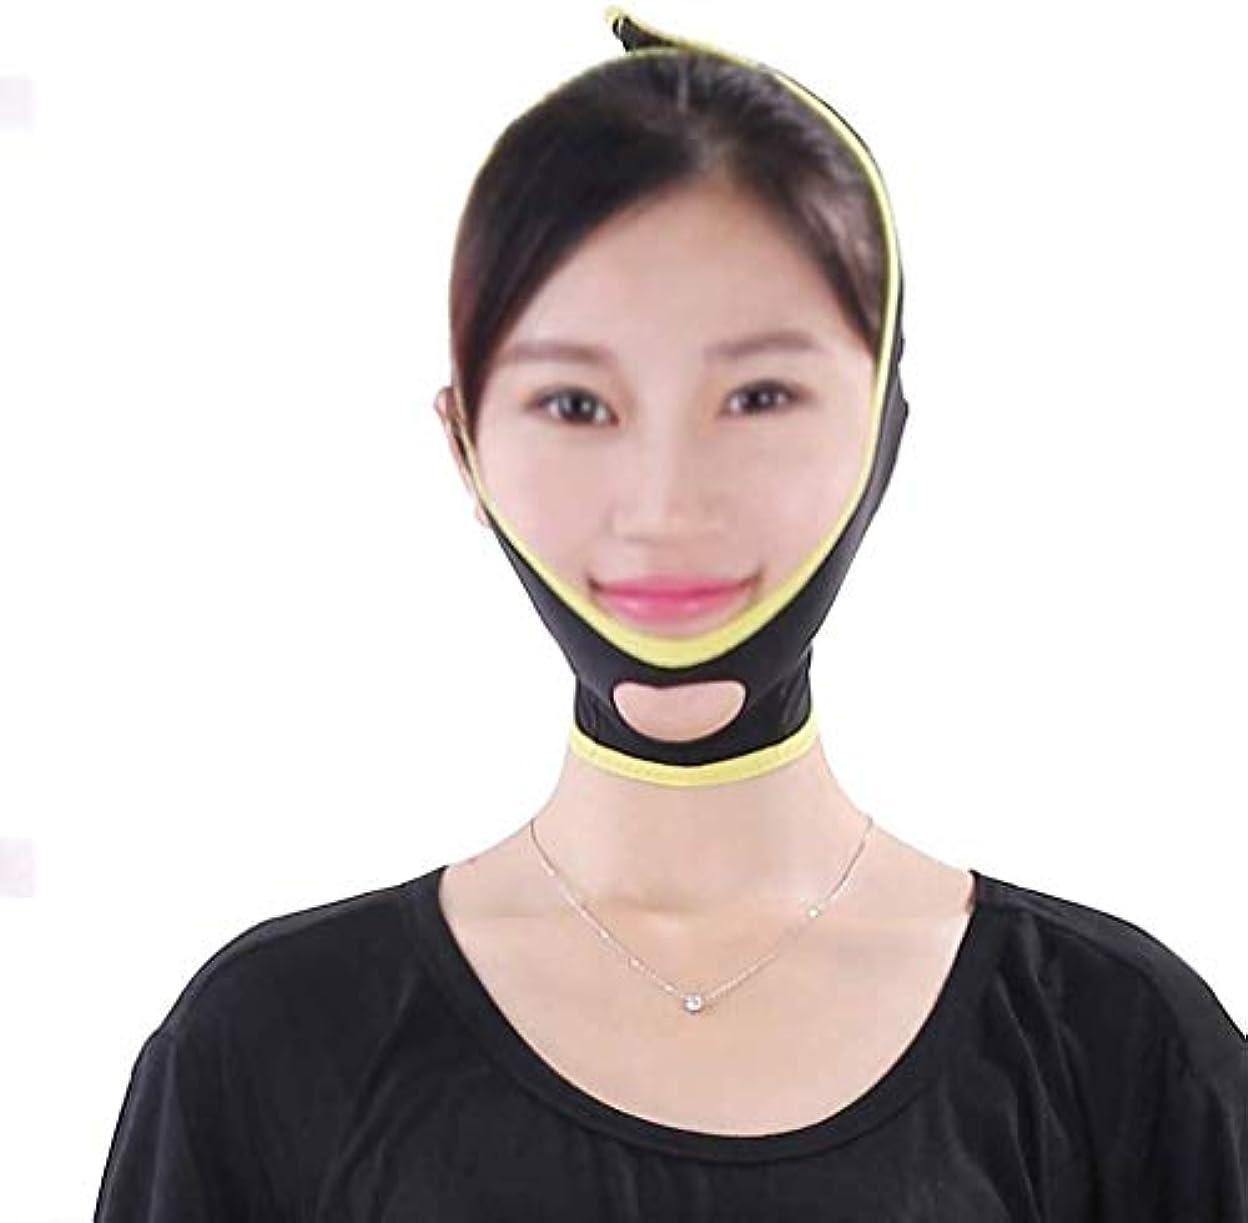 観点余剰応援する美しさと実用的なフェイシャルマスク、男性と女性の顔リフティングアーティファクト包帯美容リフティング引き締めサイズV顔ダブルチン睡眠マスク埋め込みシルク彫刻Slim身ベルト(サイズ:L)